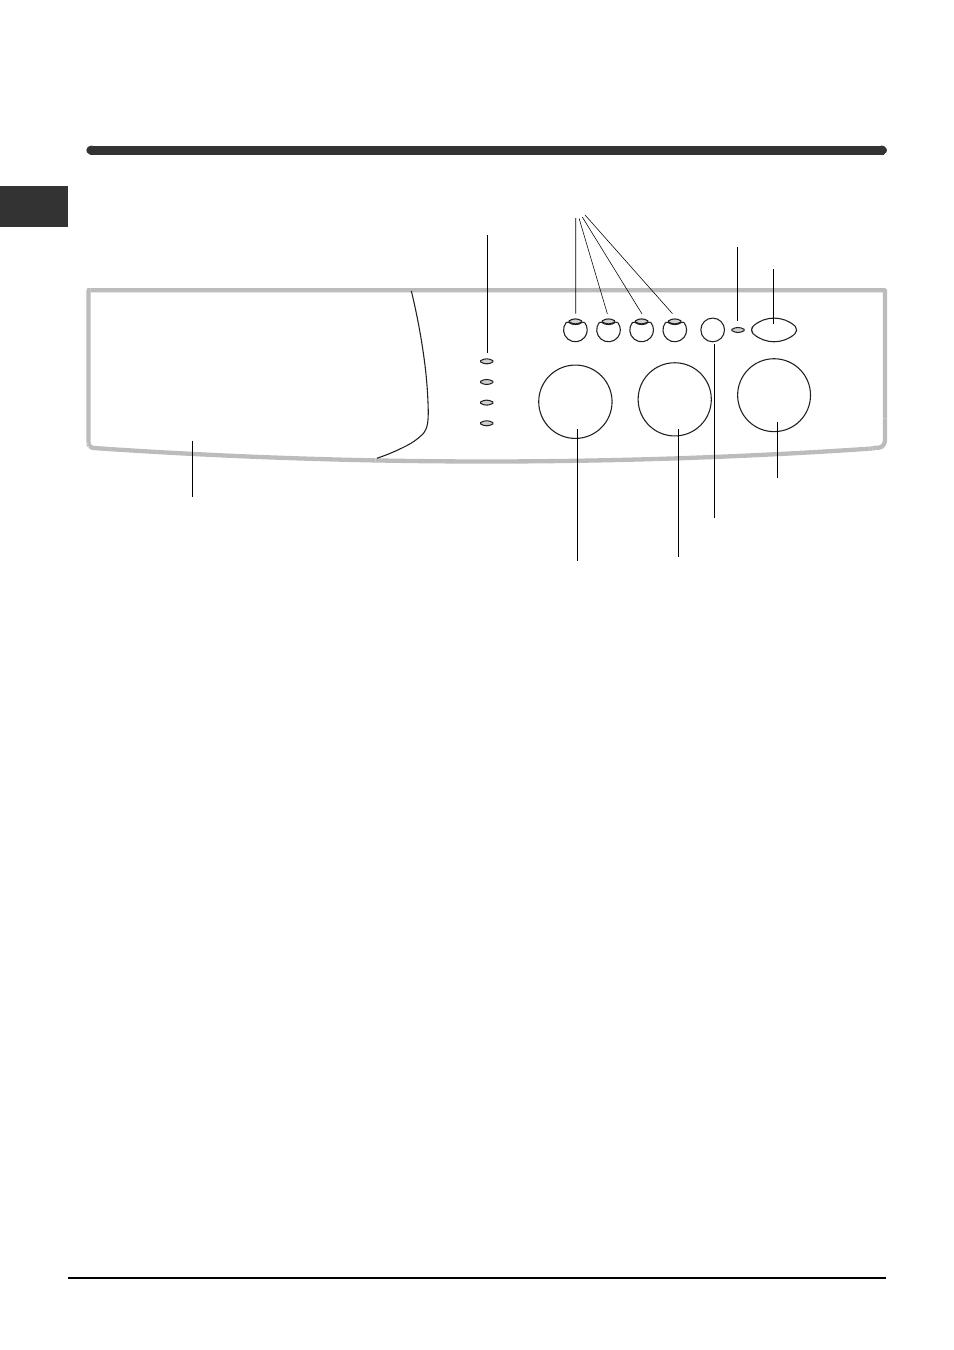 Инструкция к Стиральной Машине Индезит Wisl 105 - картинка 4